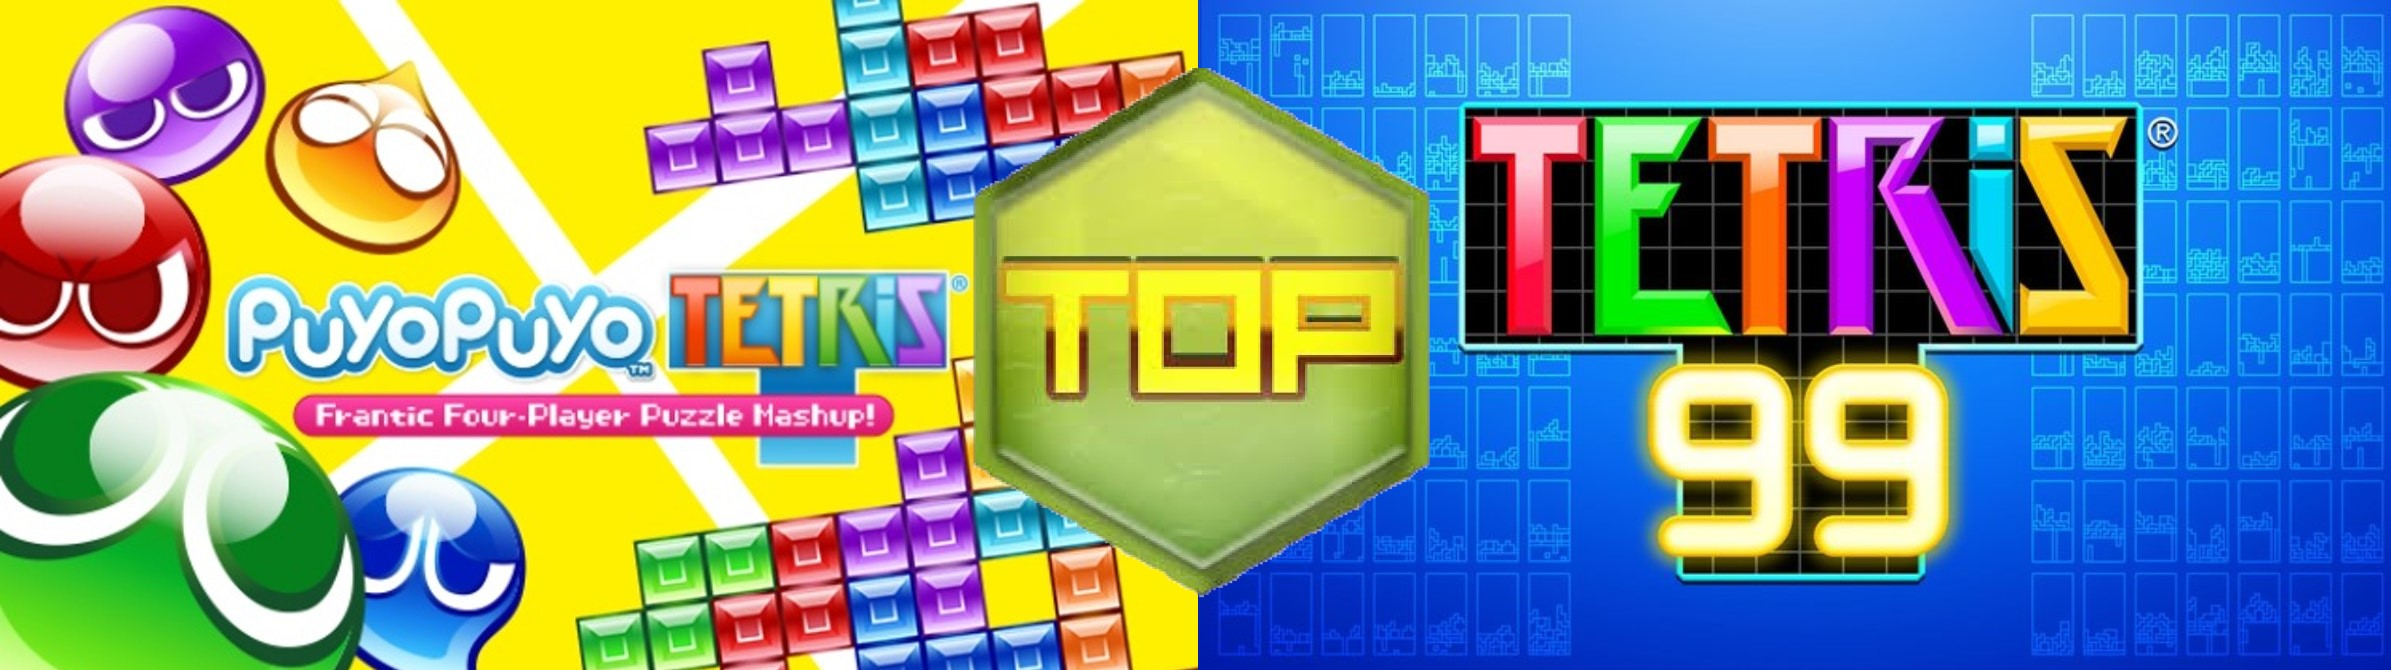 近年比较常见的对战方块。左:puyopuyo tetris 中:Tetris Online Poland 右:Tetris 99(鸡块)